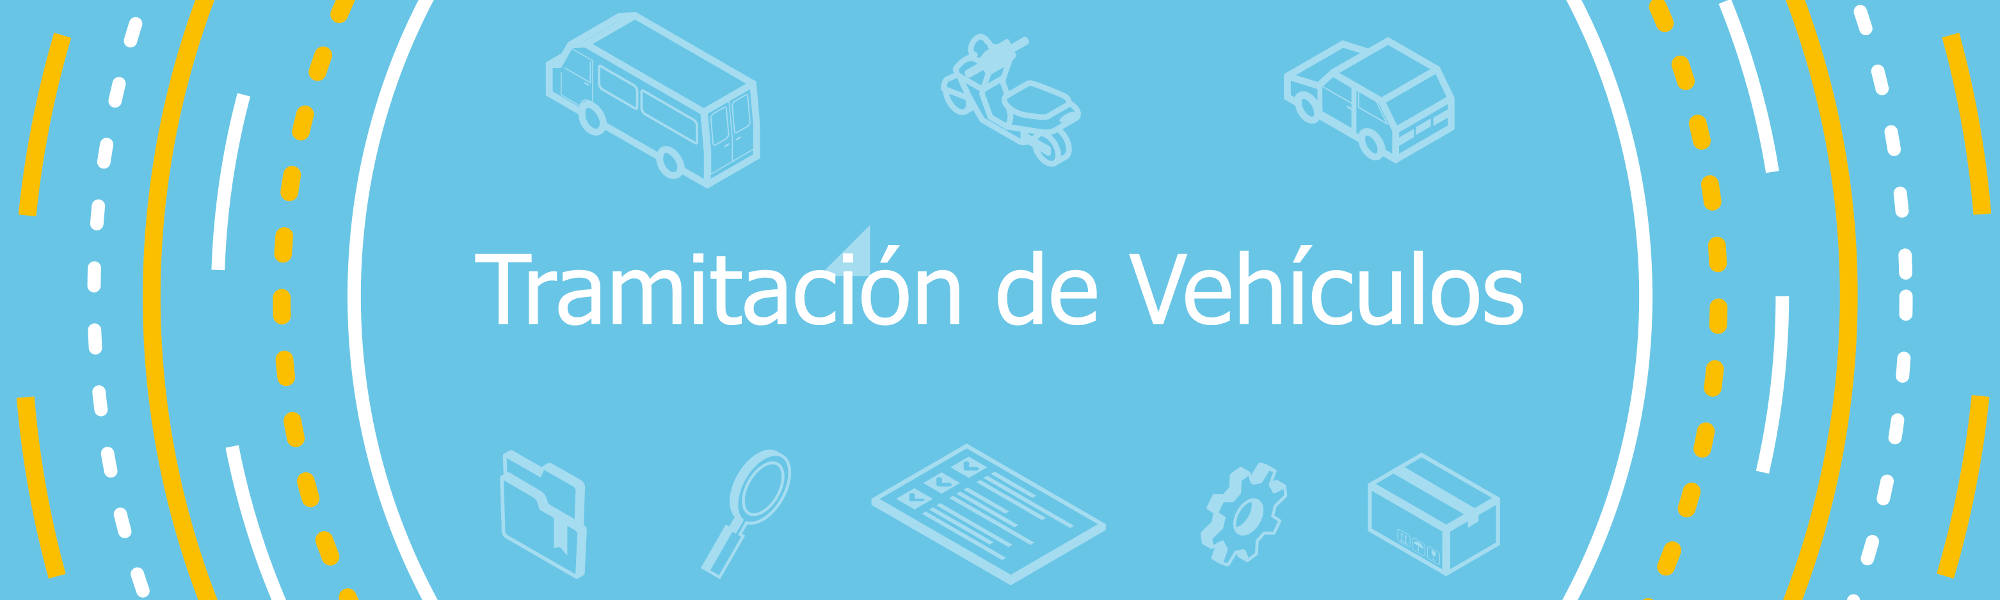 Matriculación de vehículos de importación en Tenerife